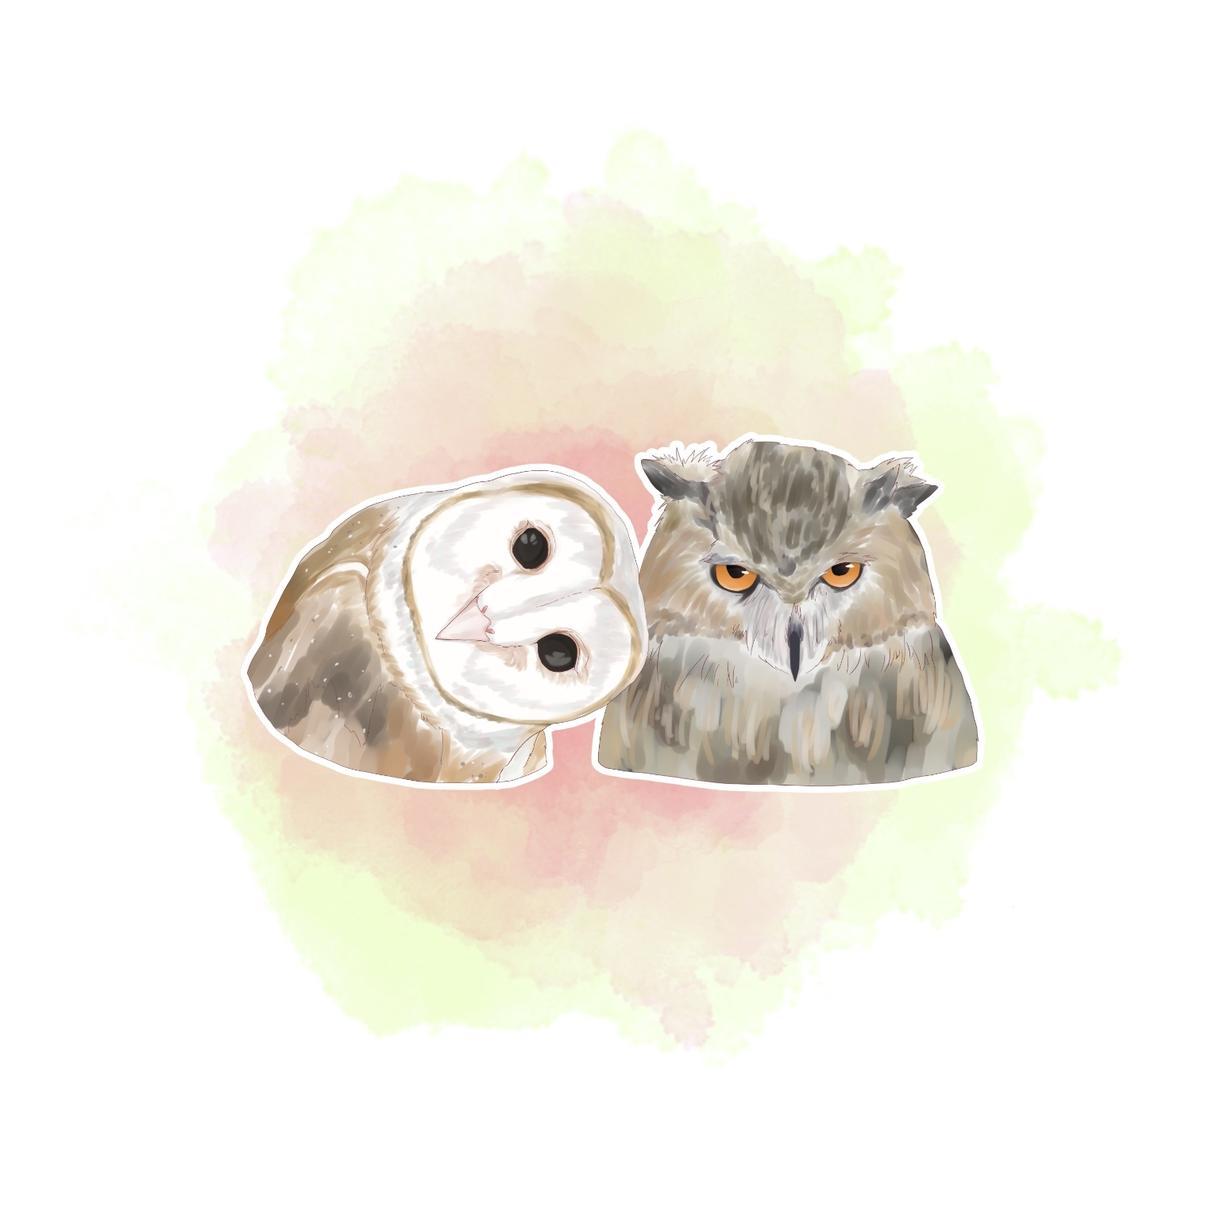 お好きな動物のちょっぴりオシャレなイラスト描きます SNSなどで使用するアイコンにいかが?✯